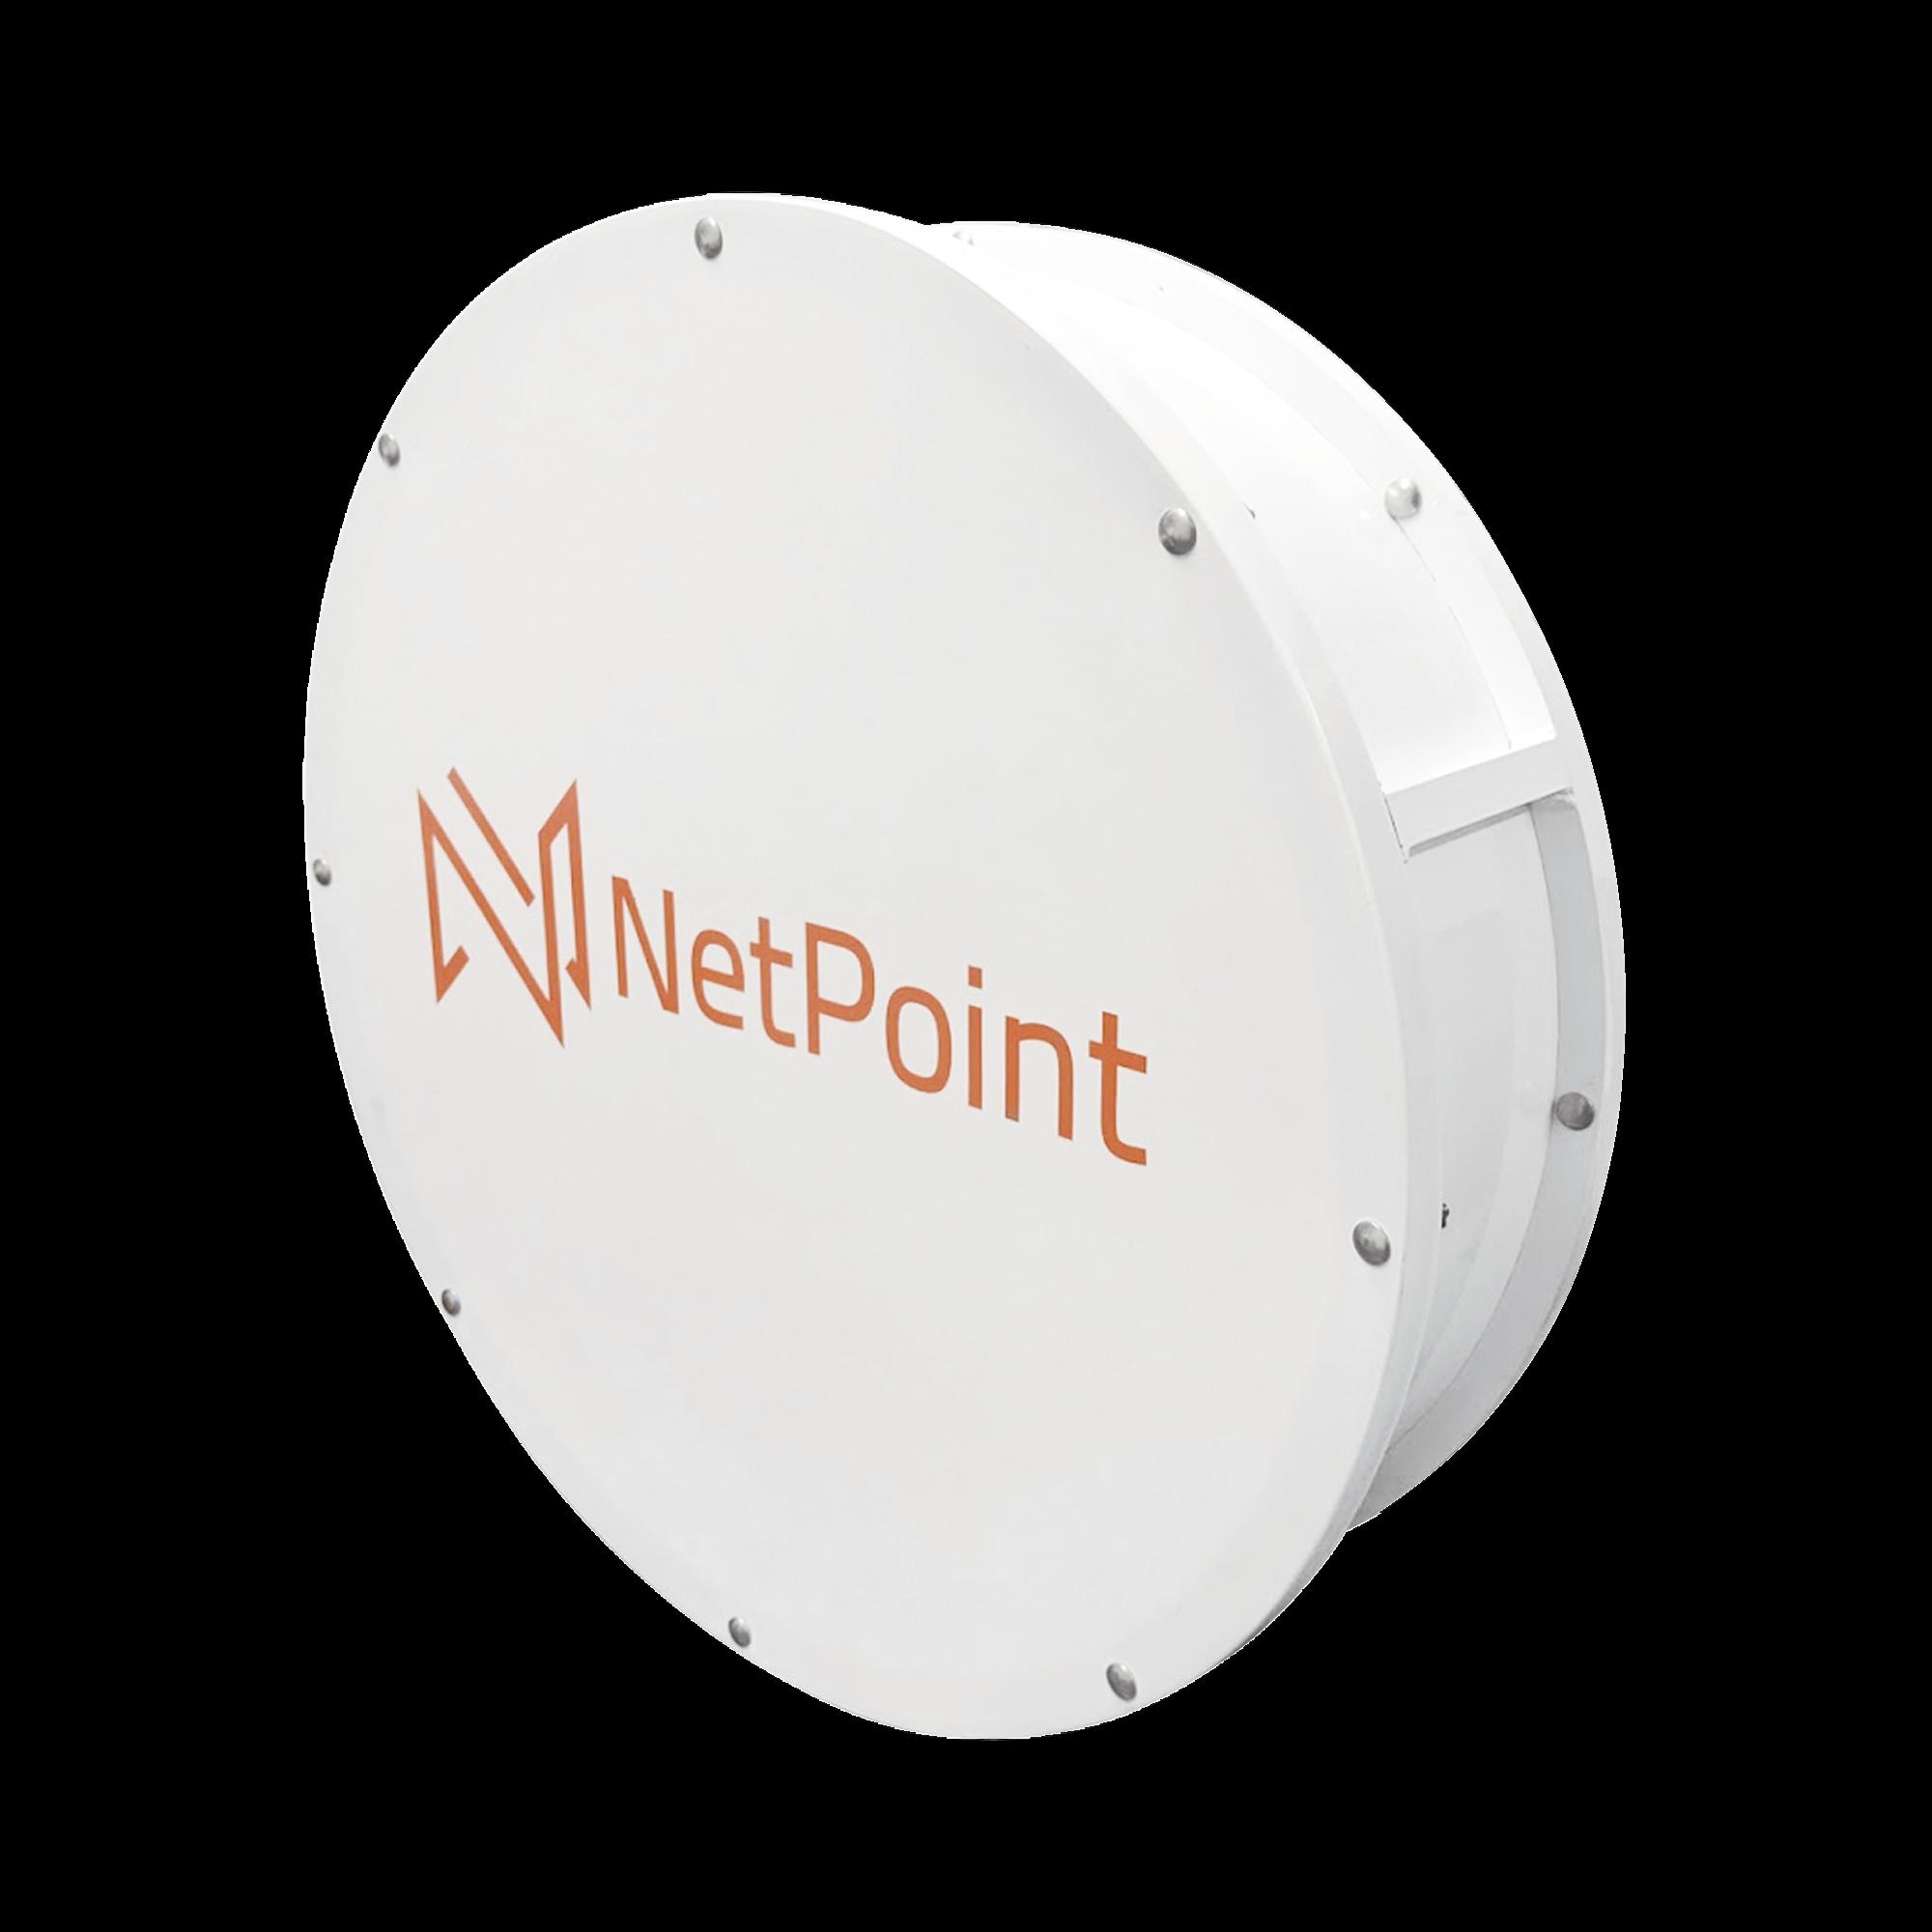 Radomo aislante para alta inmunidad al ruido, reduce interferencia de lobulos laterales, compatible con antenas NP1 y RD-5G30